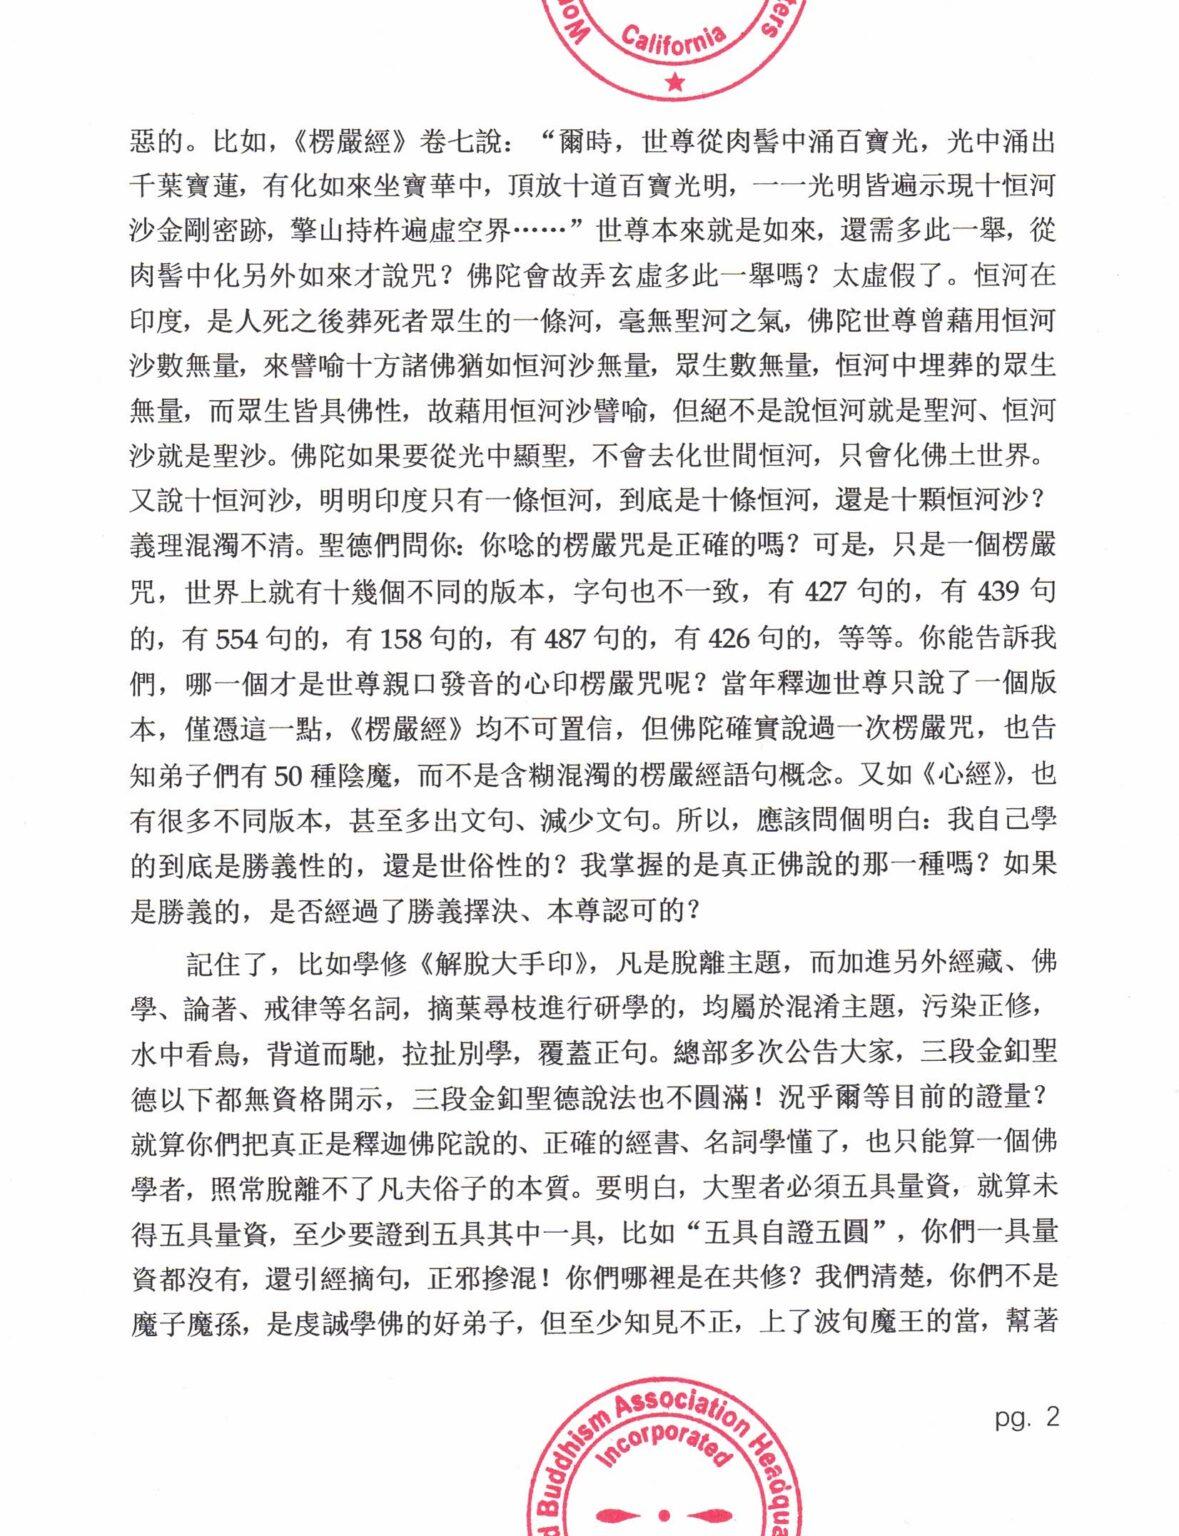 世界佛教總部公告(公告字第20200102號)- 正確的共修——共修不可走題涉偏鋒